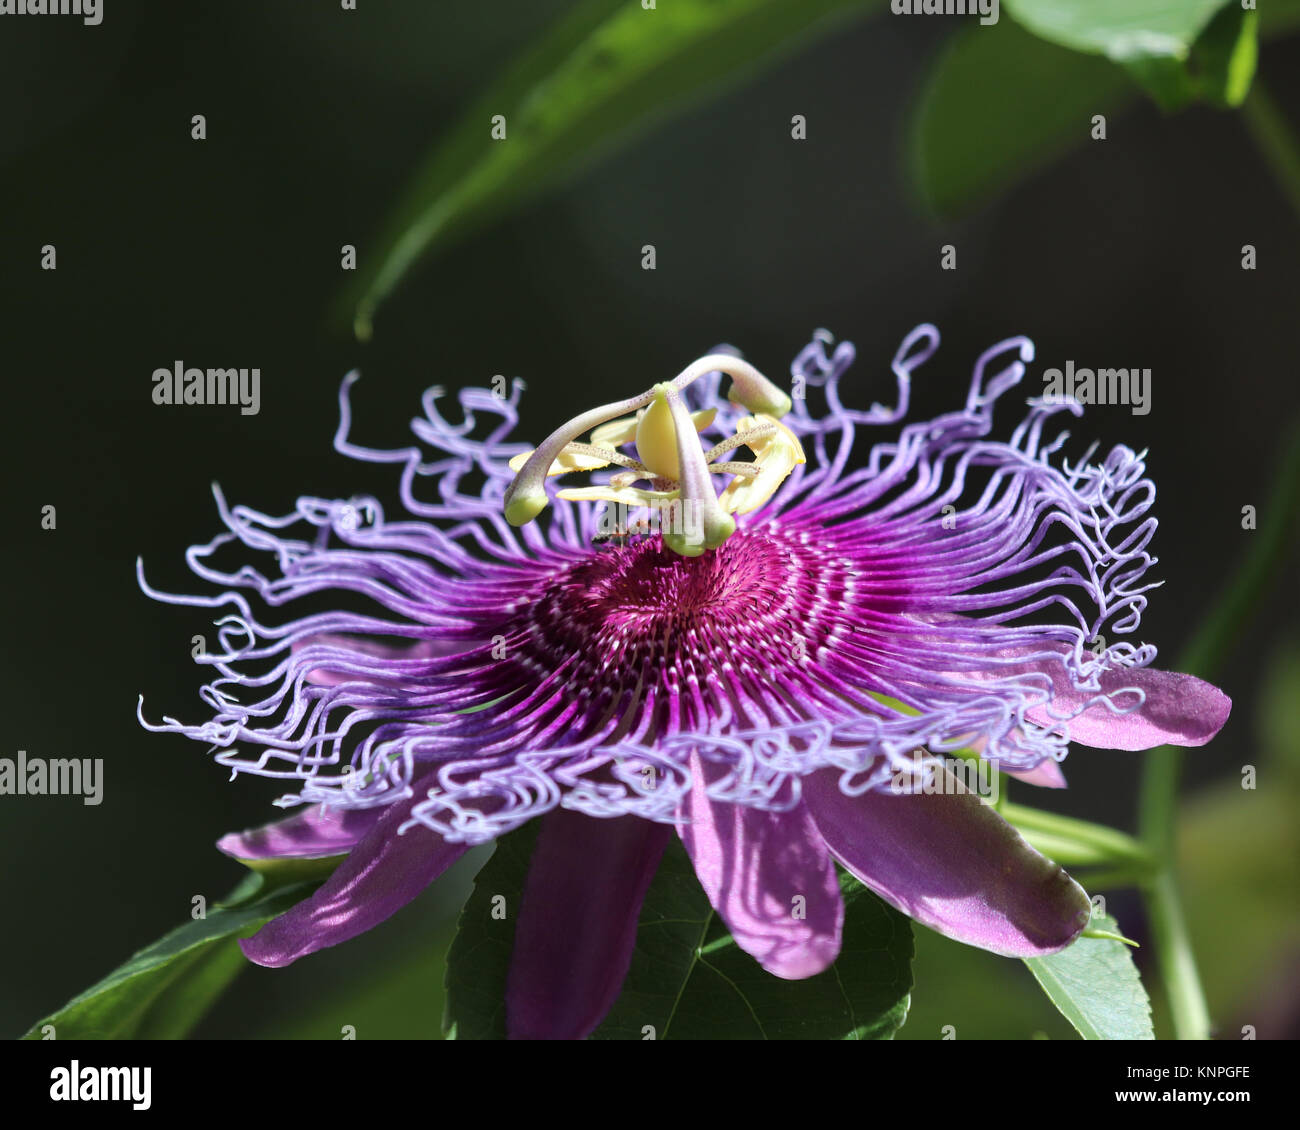 Violeta pasionaria (Passiflora incarnata) es también llamado Maypop, salvaje pasión vid silvestre, albaricoque, y pasionaria Foto de stock